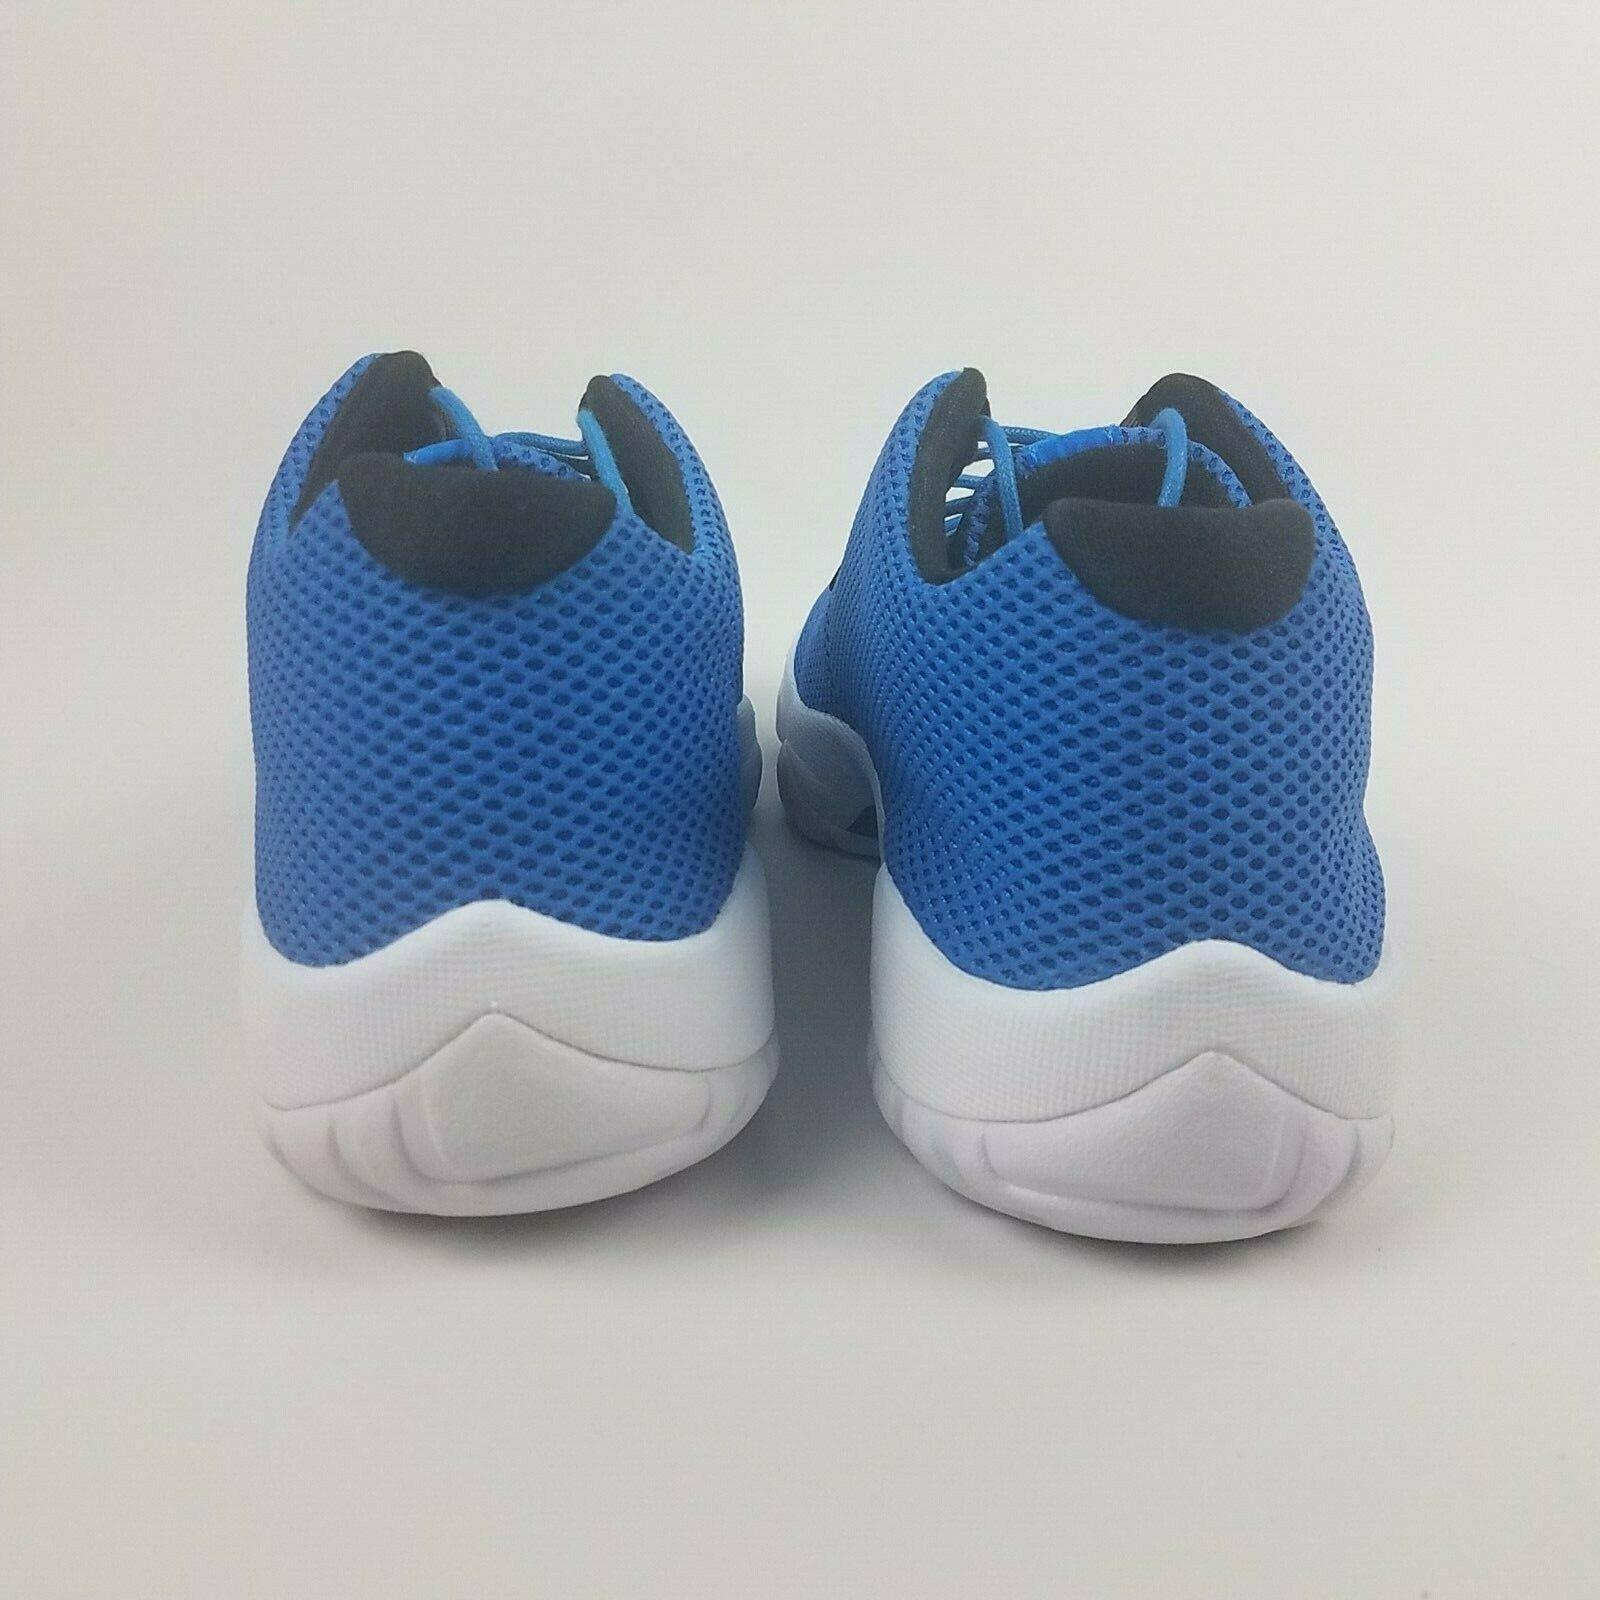 Air Jordan Mens Future Low Photo Blue Black Shoes 718948 400 Size 9 image 8